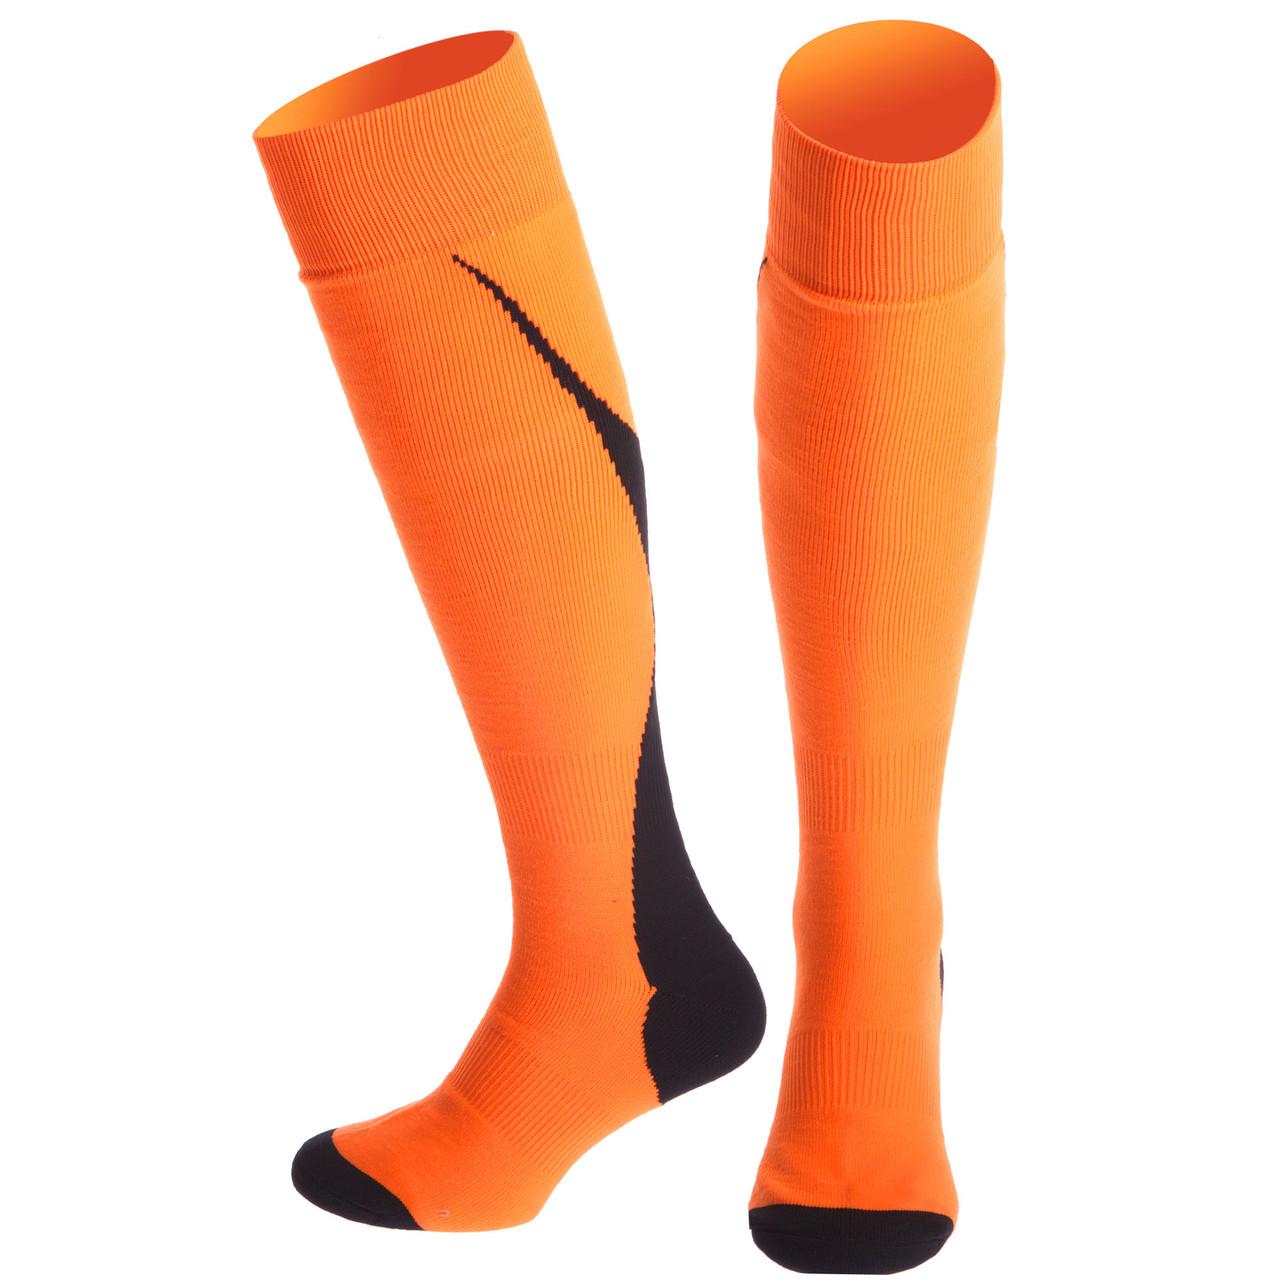 Гетри футбол чоловічі KS-04L (поліестер 86г, р-р 40-45, помаранчевий, чорний)